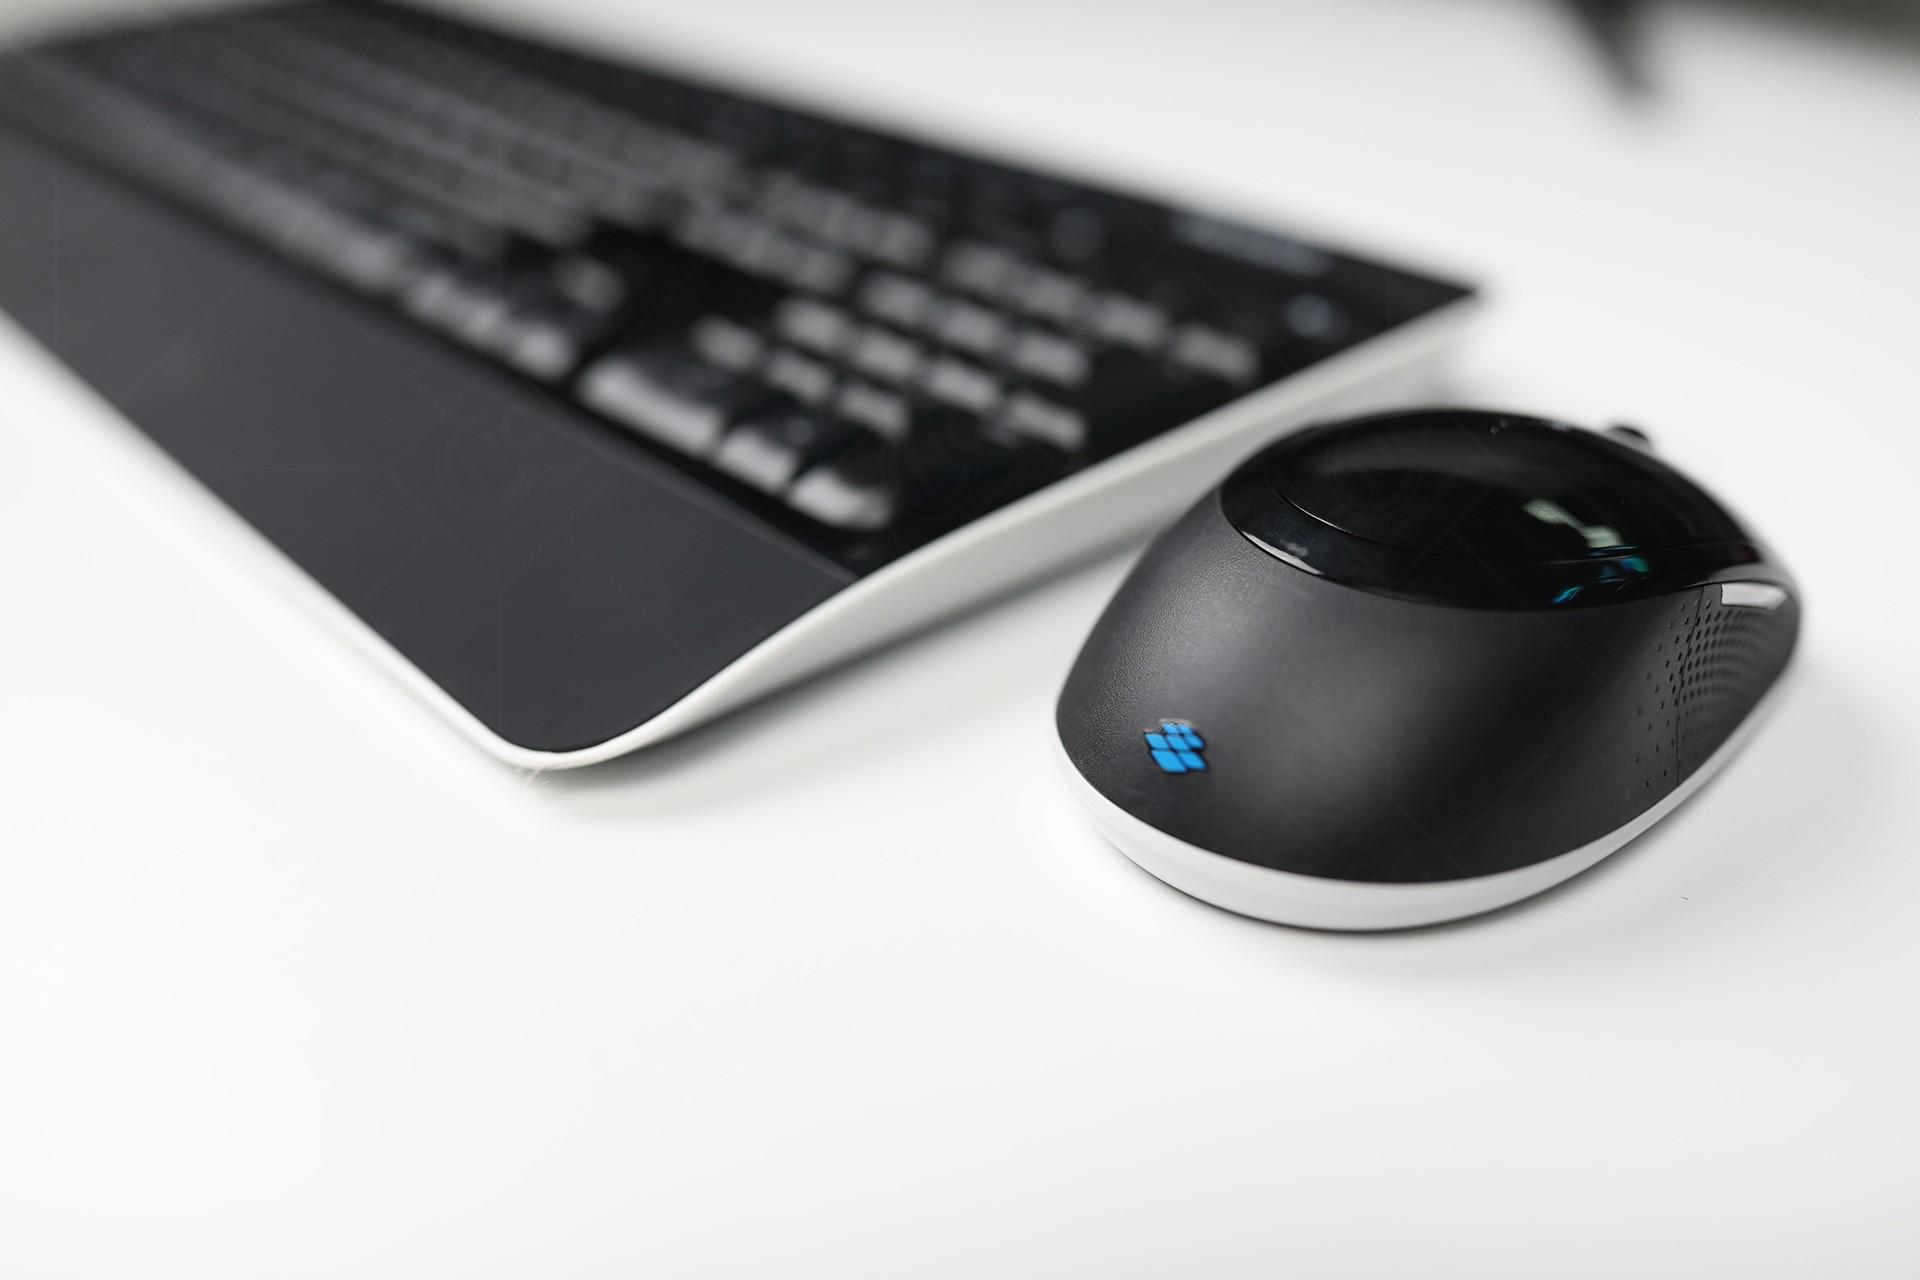 bo-ban-phim-chuot-microsoft-wireless-desktop-3050-pp3-00024-3